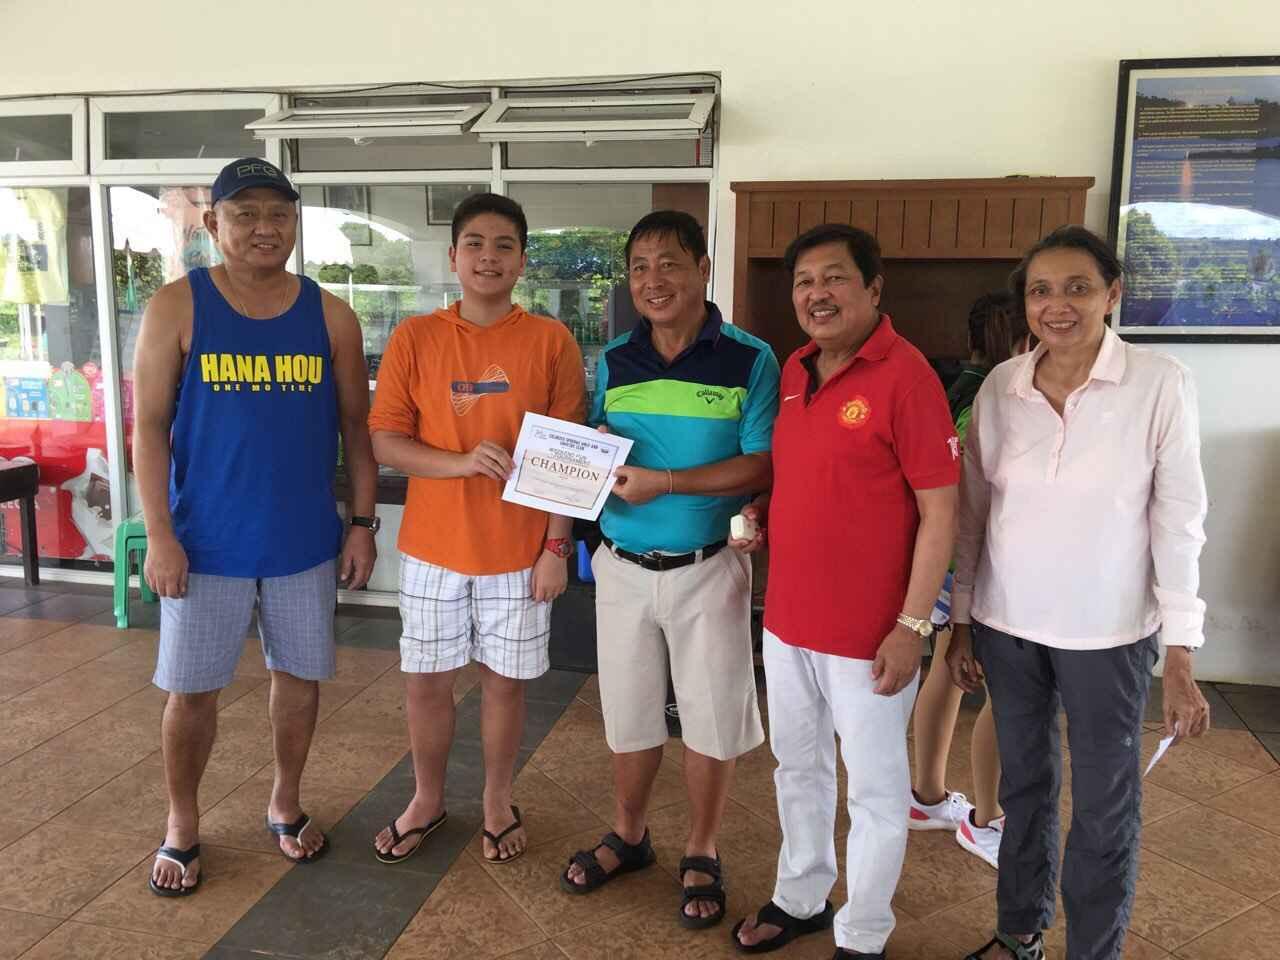 Caliraya_Springs_Golf_Fishing_Tournament-14.jpg